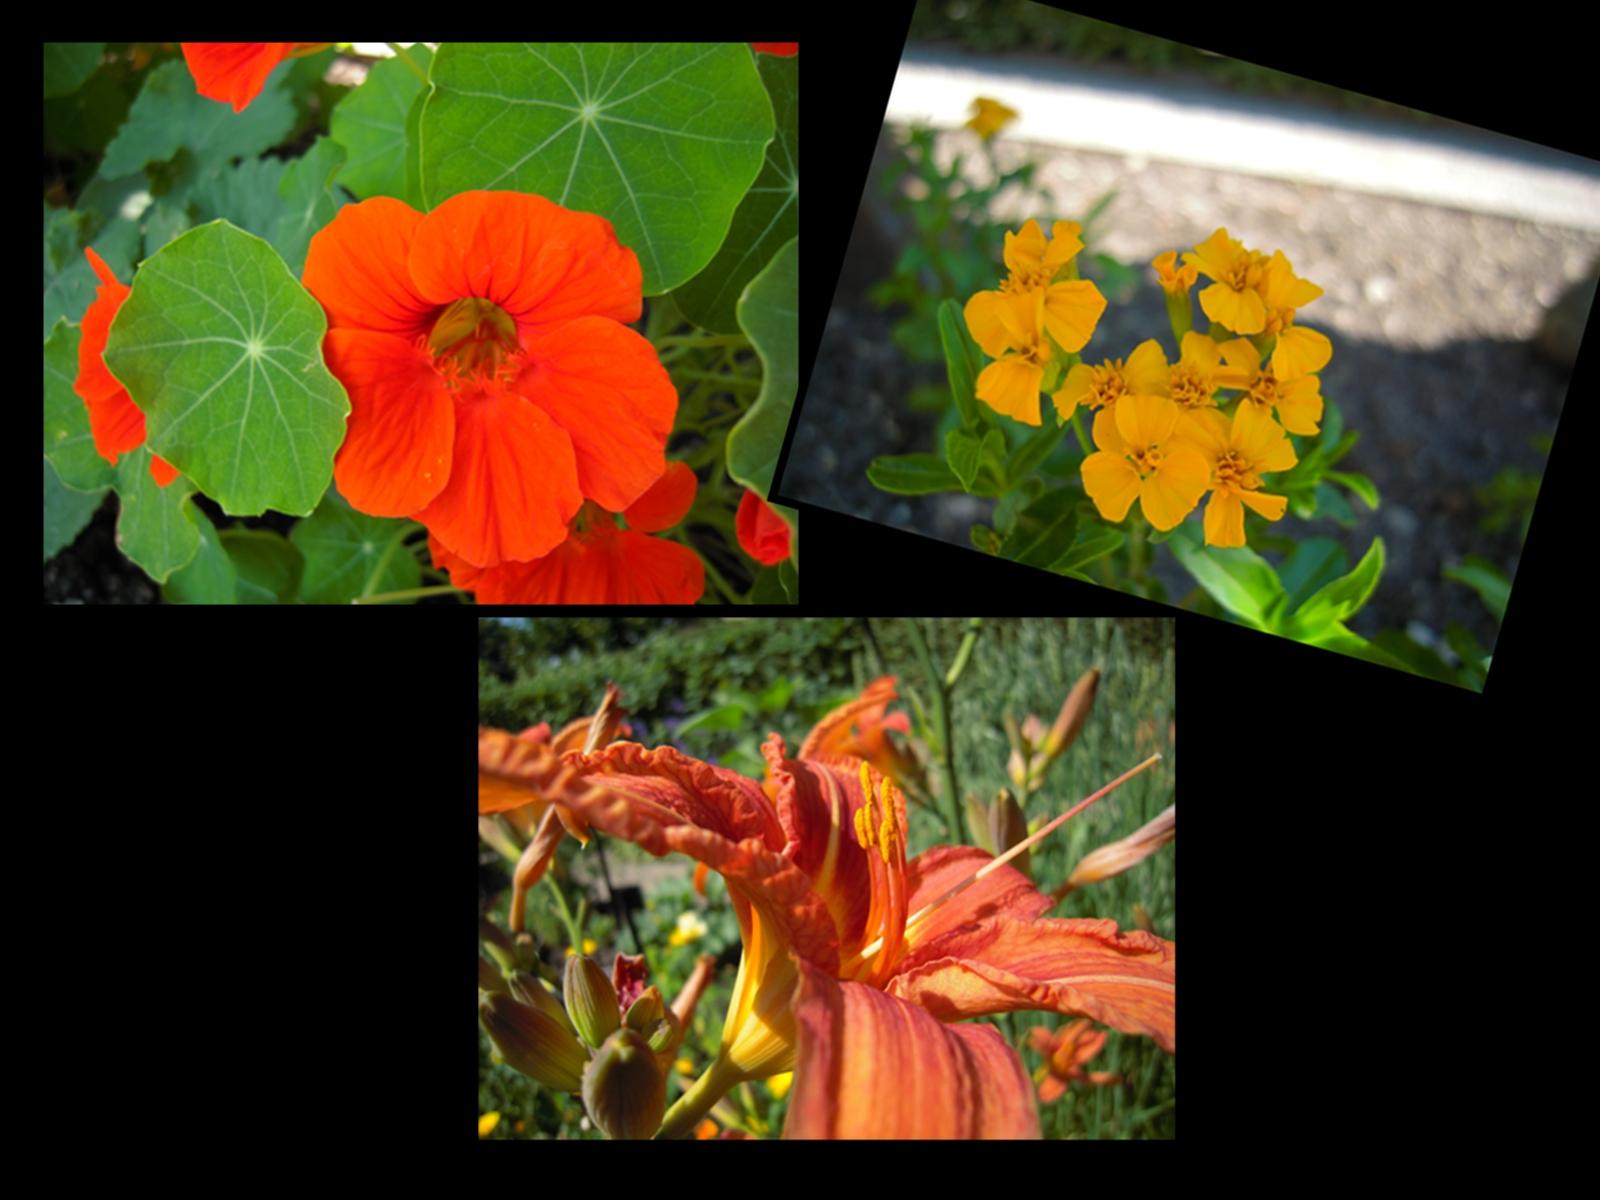 les fleurs comestibles le jardin des cinq sens yvoire. Black Bedroom Furniture Sets. Home Design Ideas